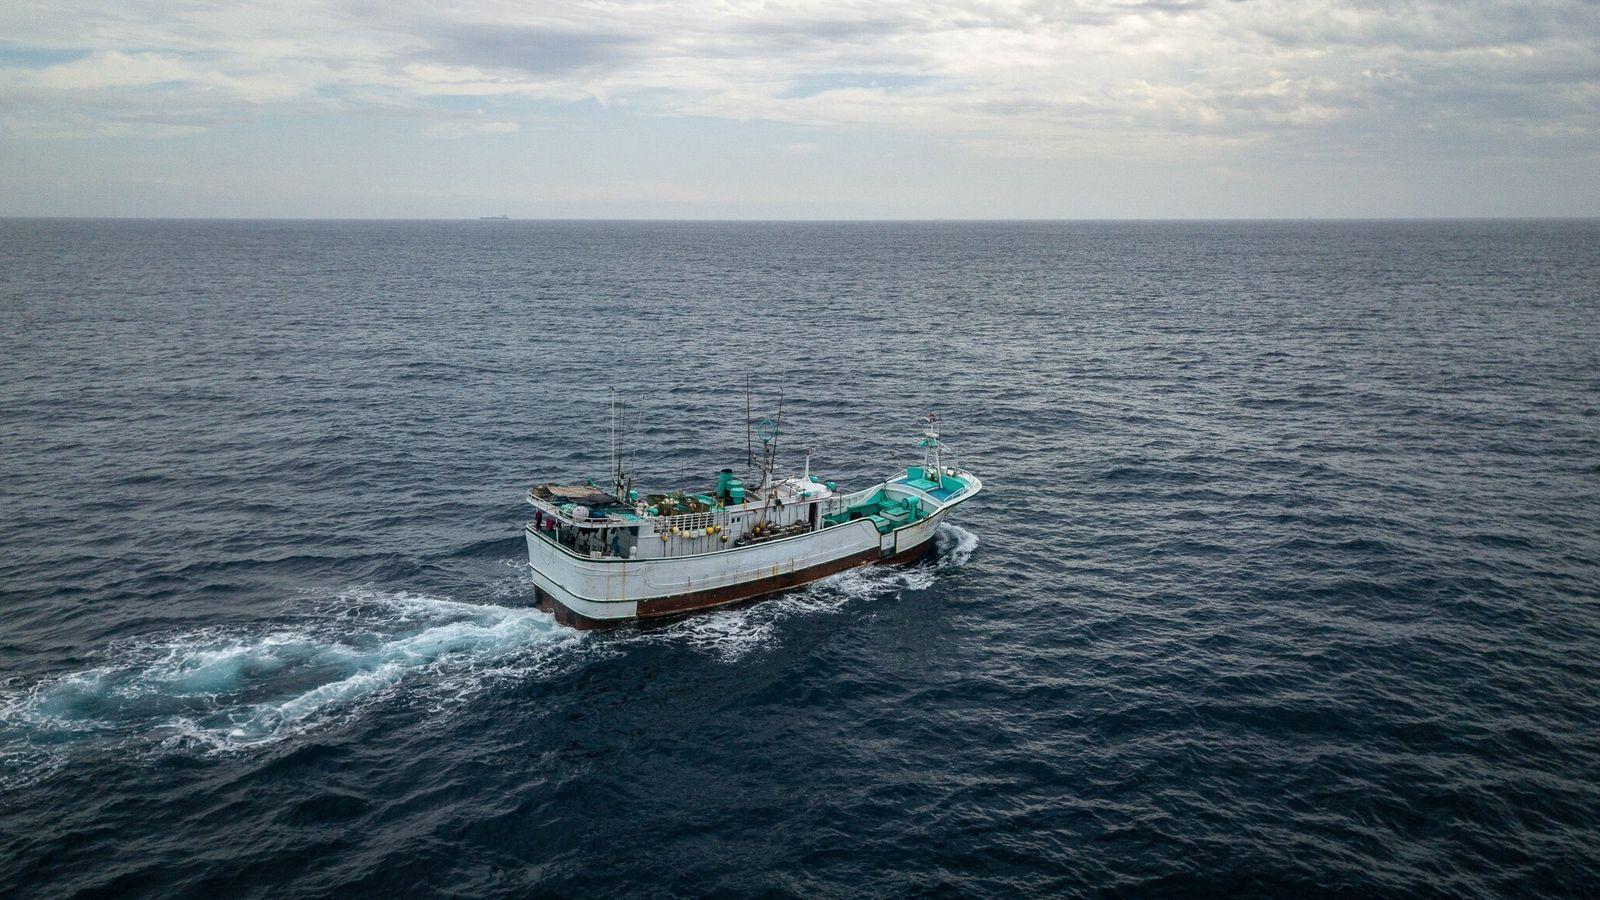 Fotografía de un buque pesquero taiwanés